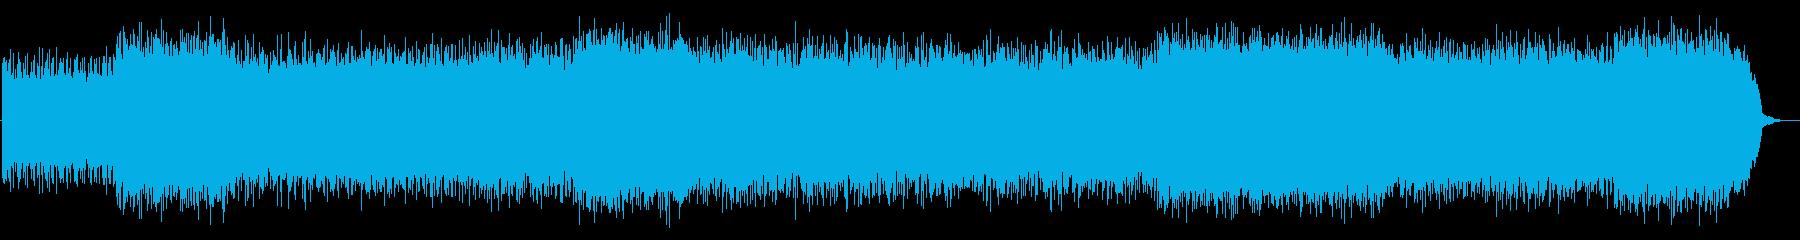 シューゲイザー轟音ギターMBV マイブラの再生済みの波形